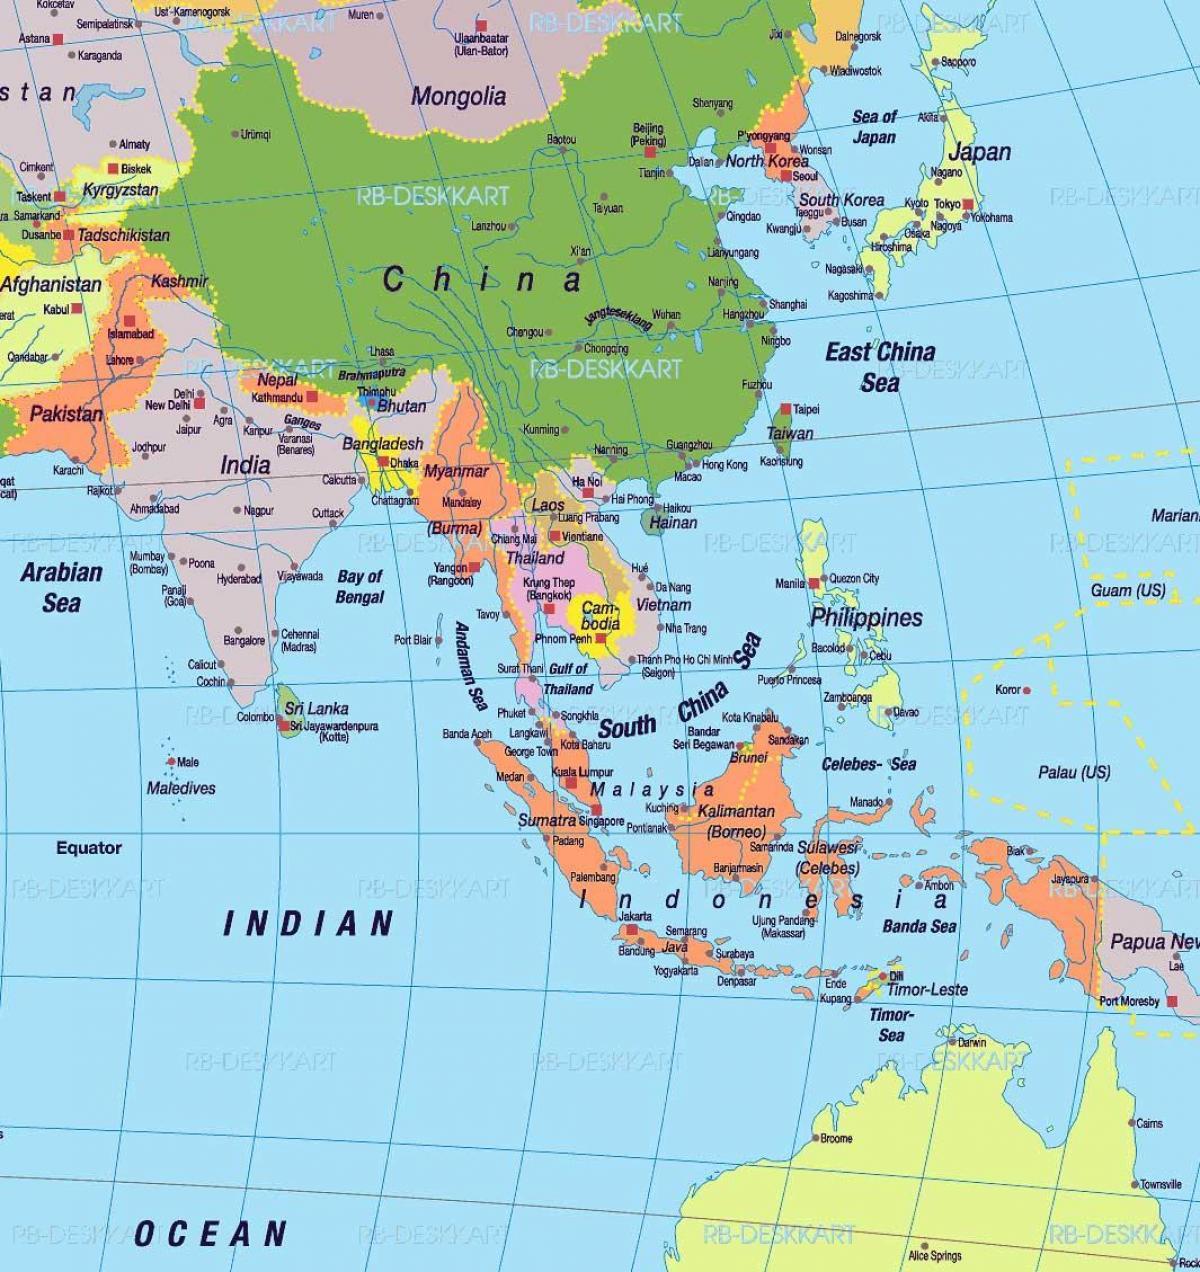 östra asien karta Karta över södra Kina   Södra Kina karta (Östra asien   Asien) östra asien karta